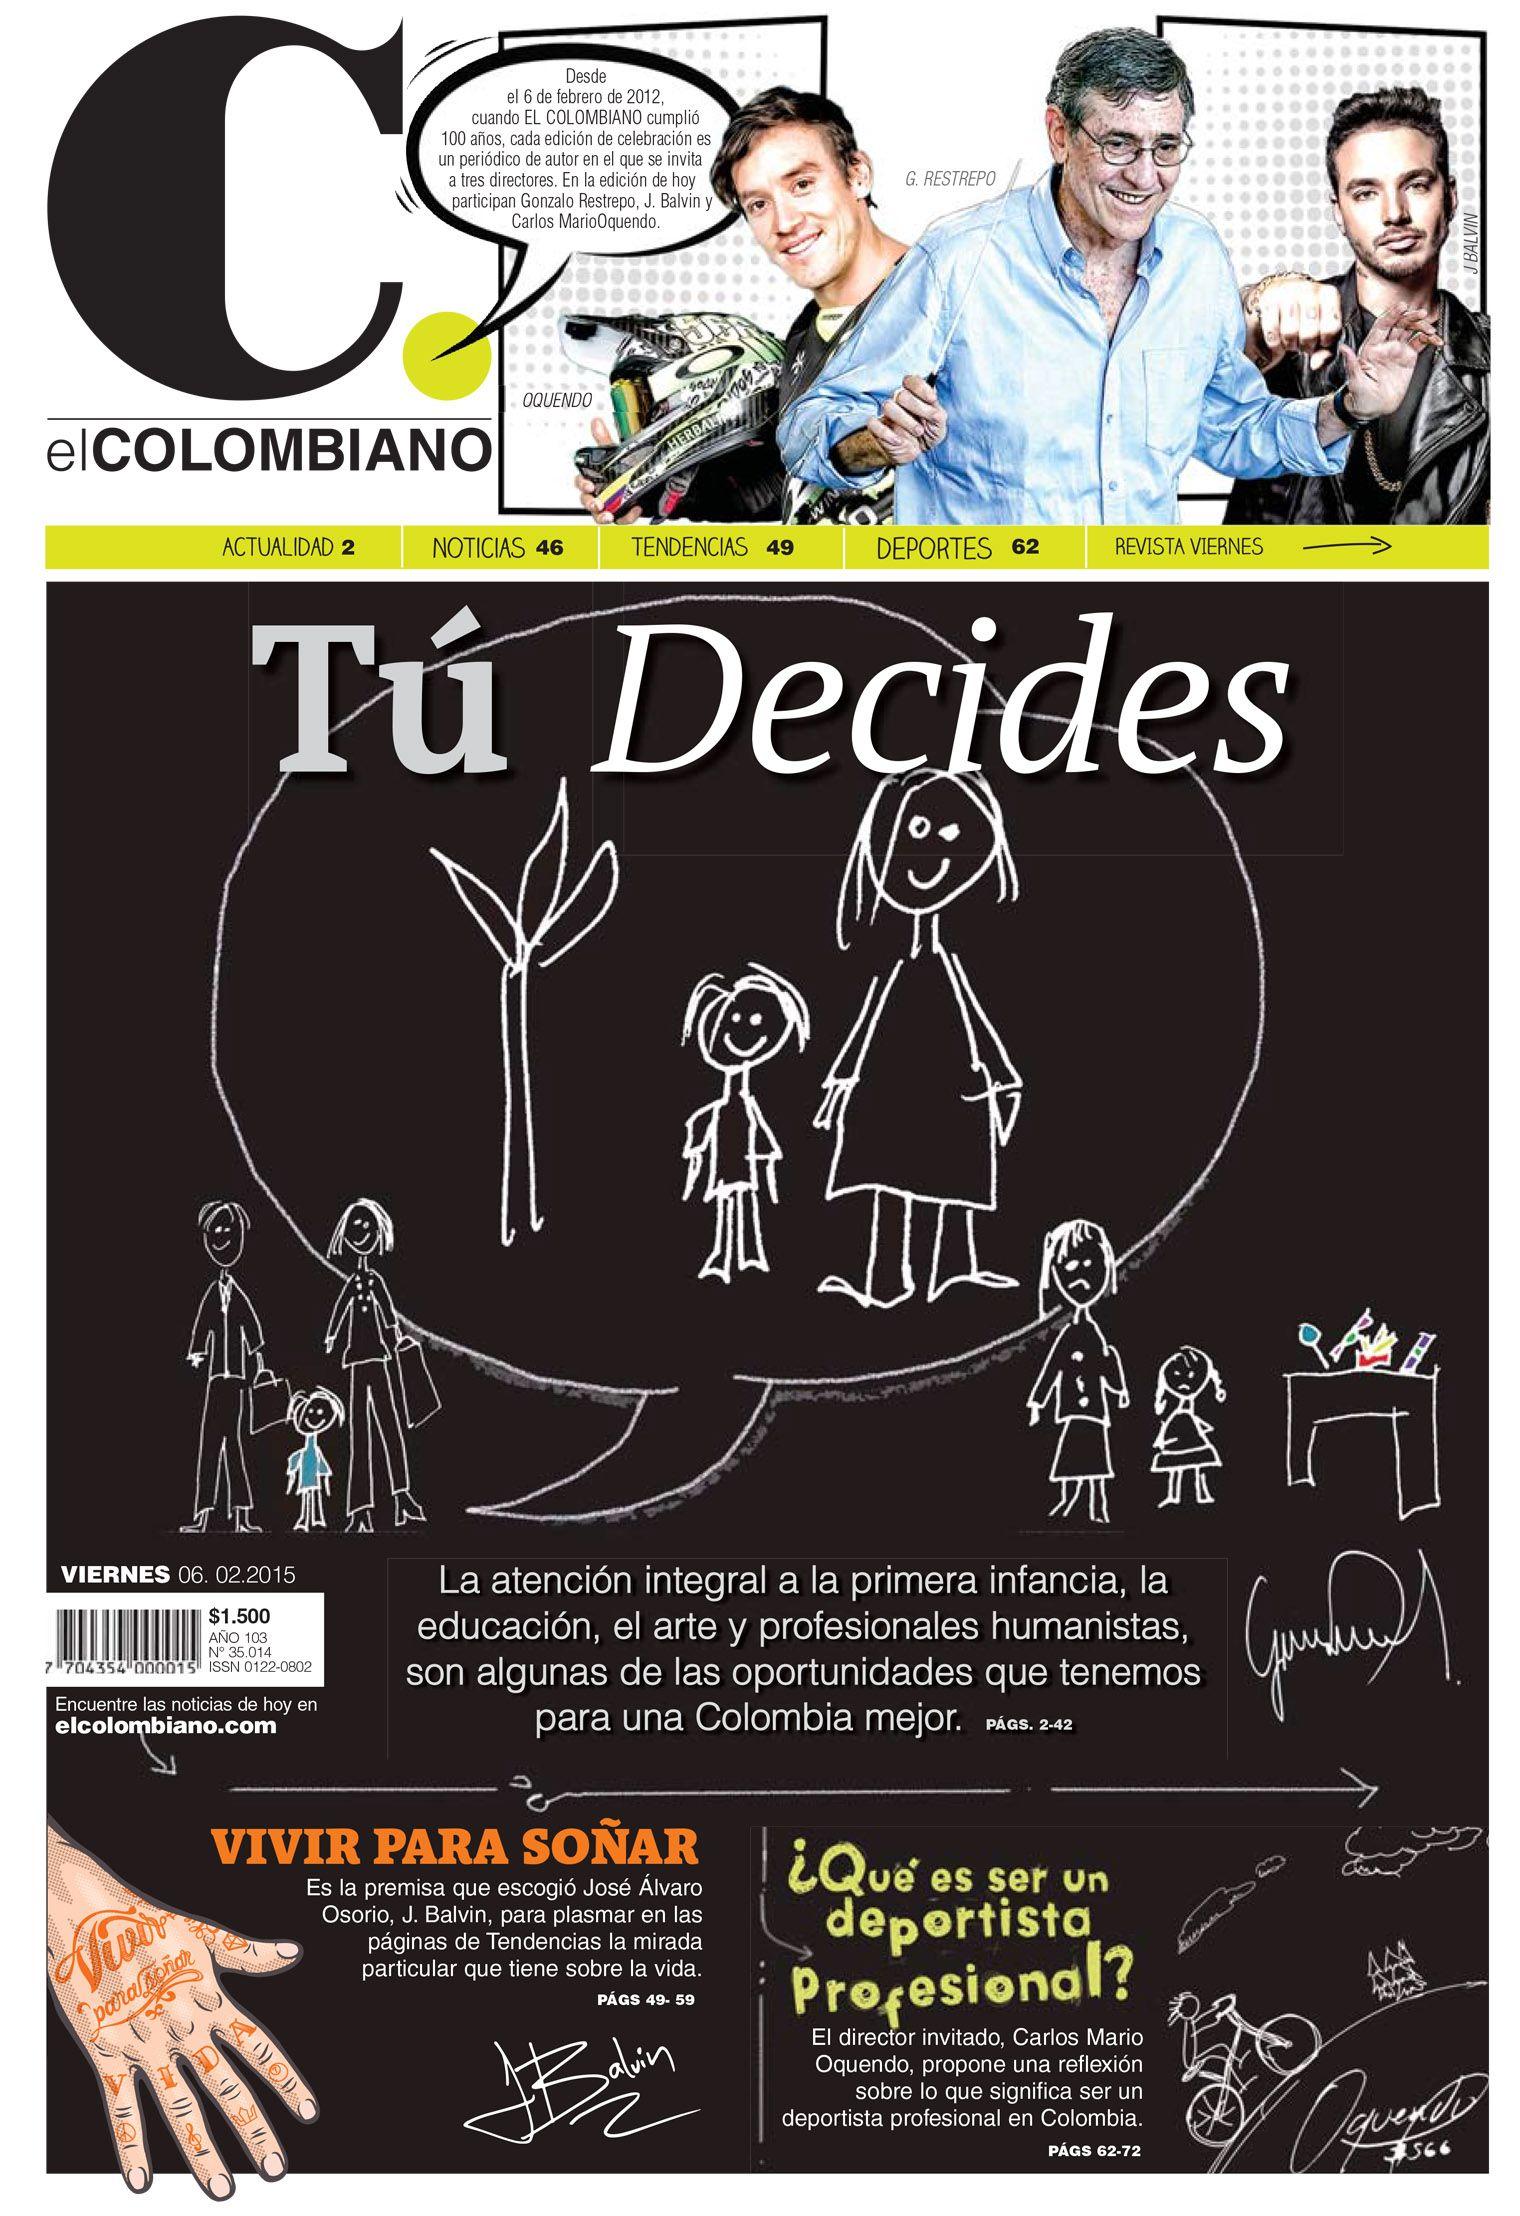 Portada de El Colombiano para nuestra edición especial de aniversario. Hoy cumplimos 103 años de existencia. ¡Gracias por leernos!